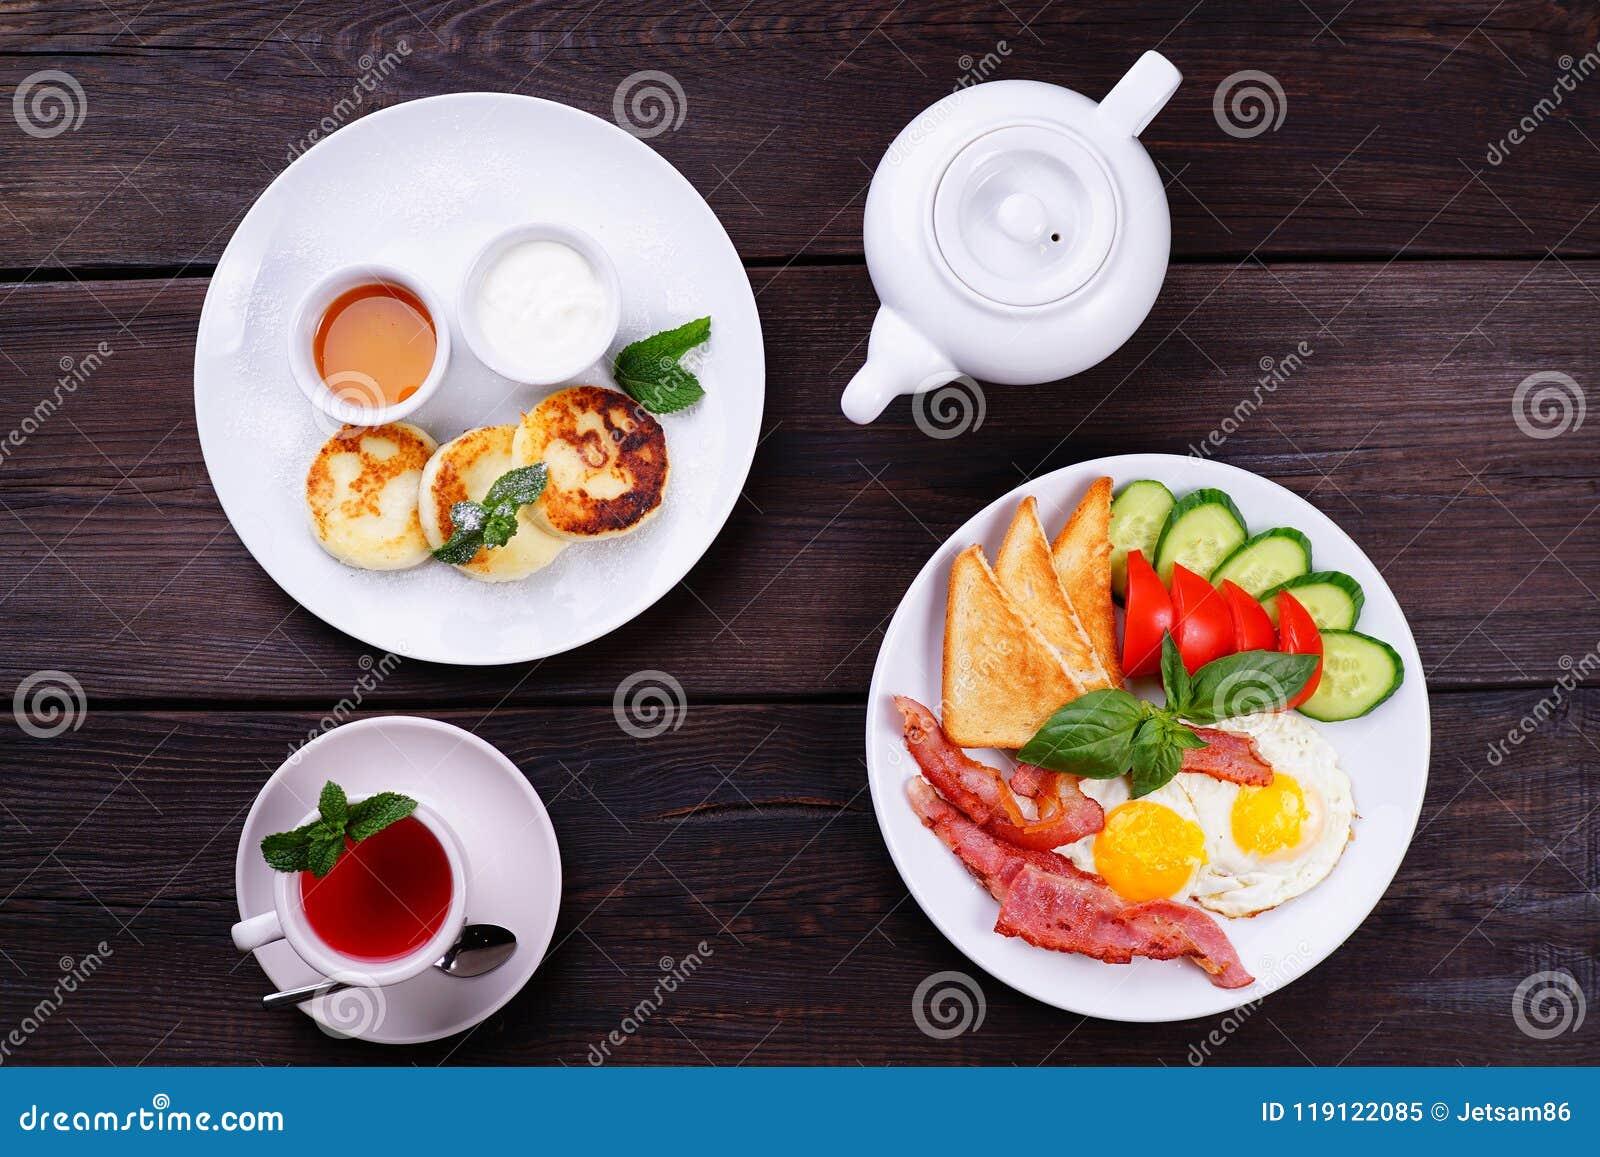 Ovos fritos com bacon, café da manhã das panquecas do queijo